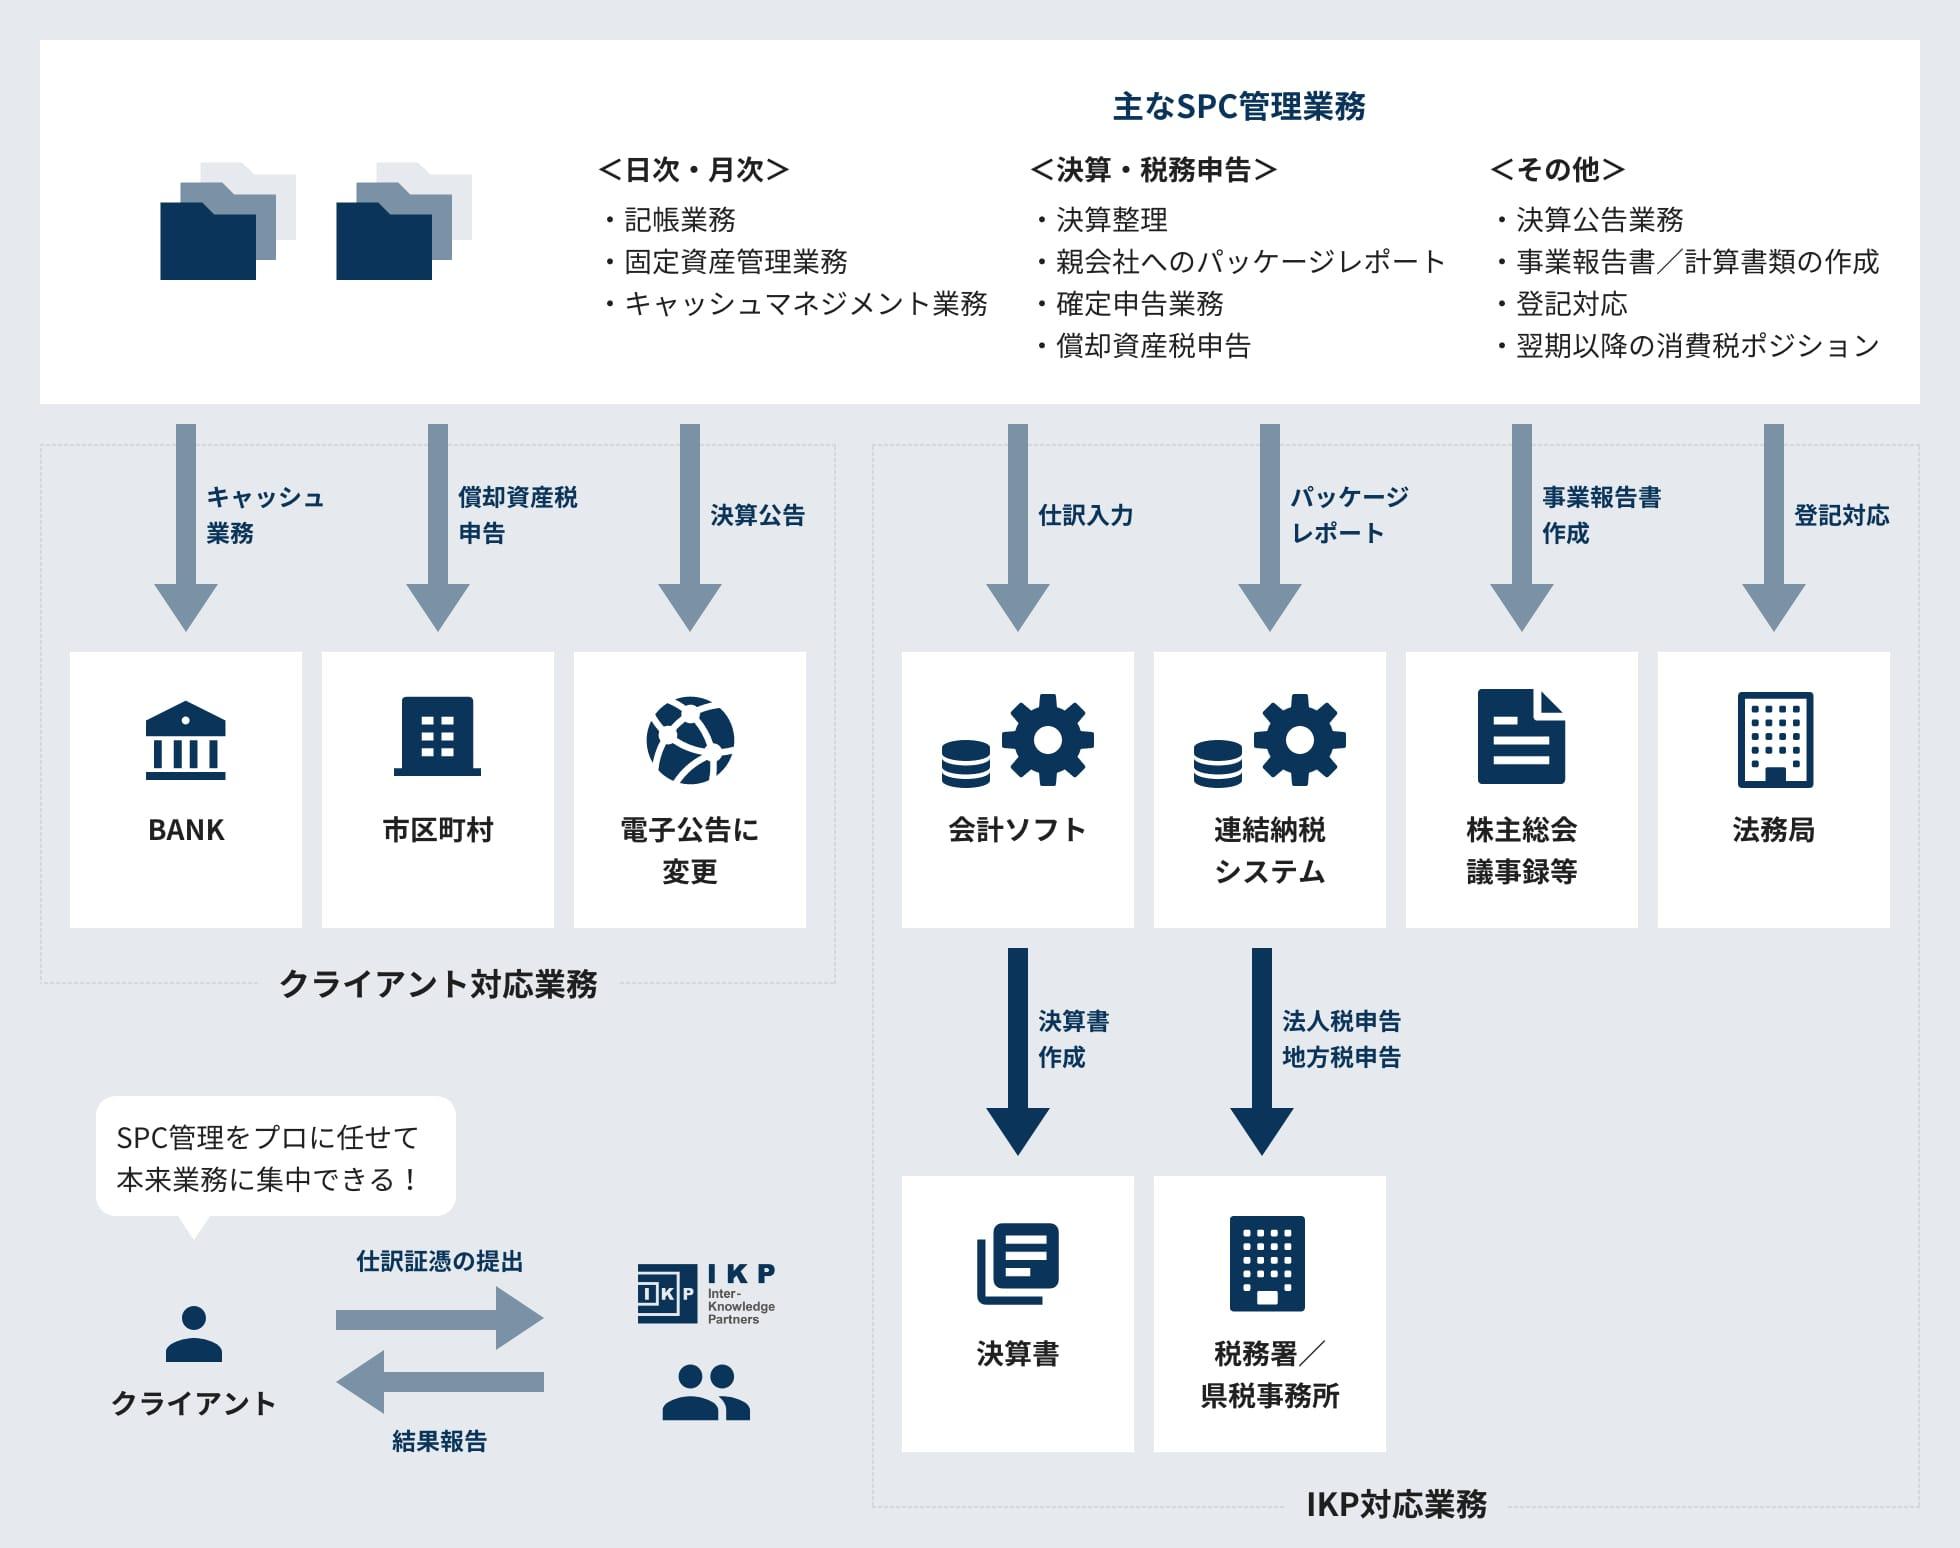 クライアント課題の図